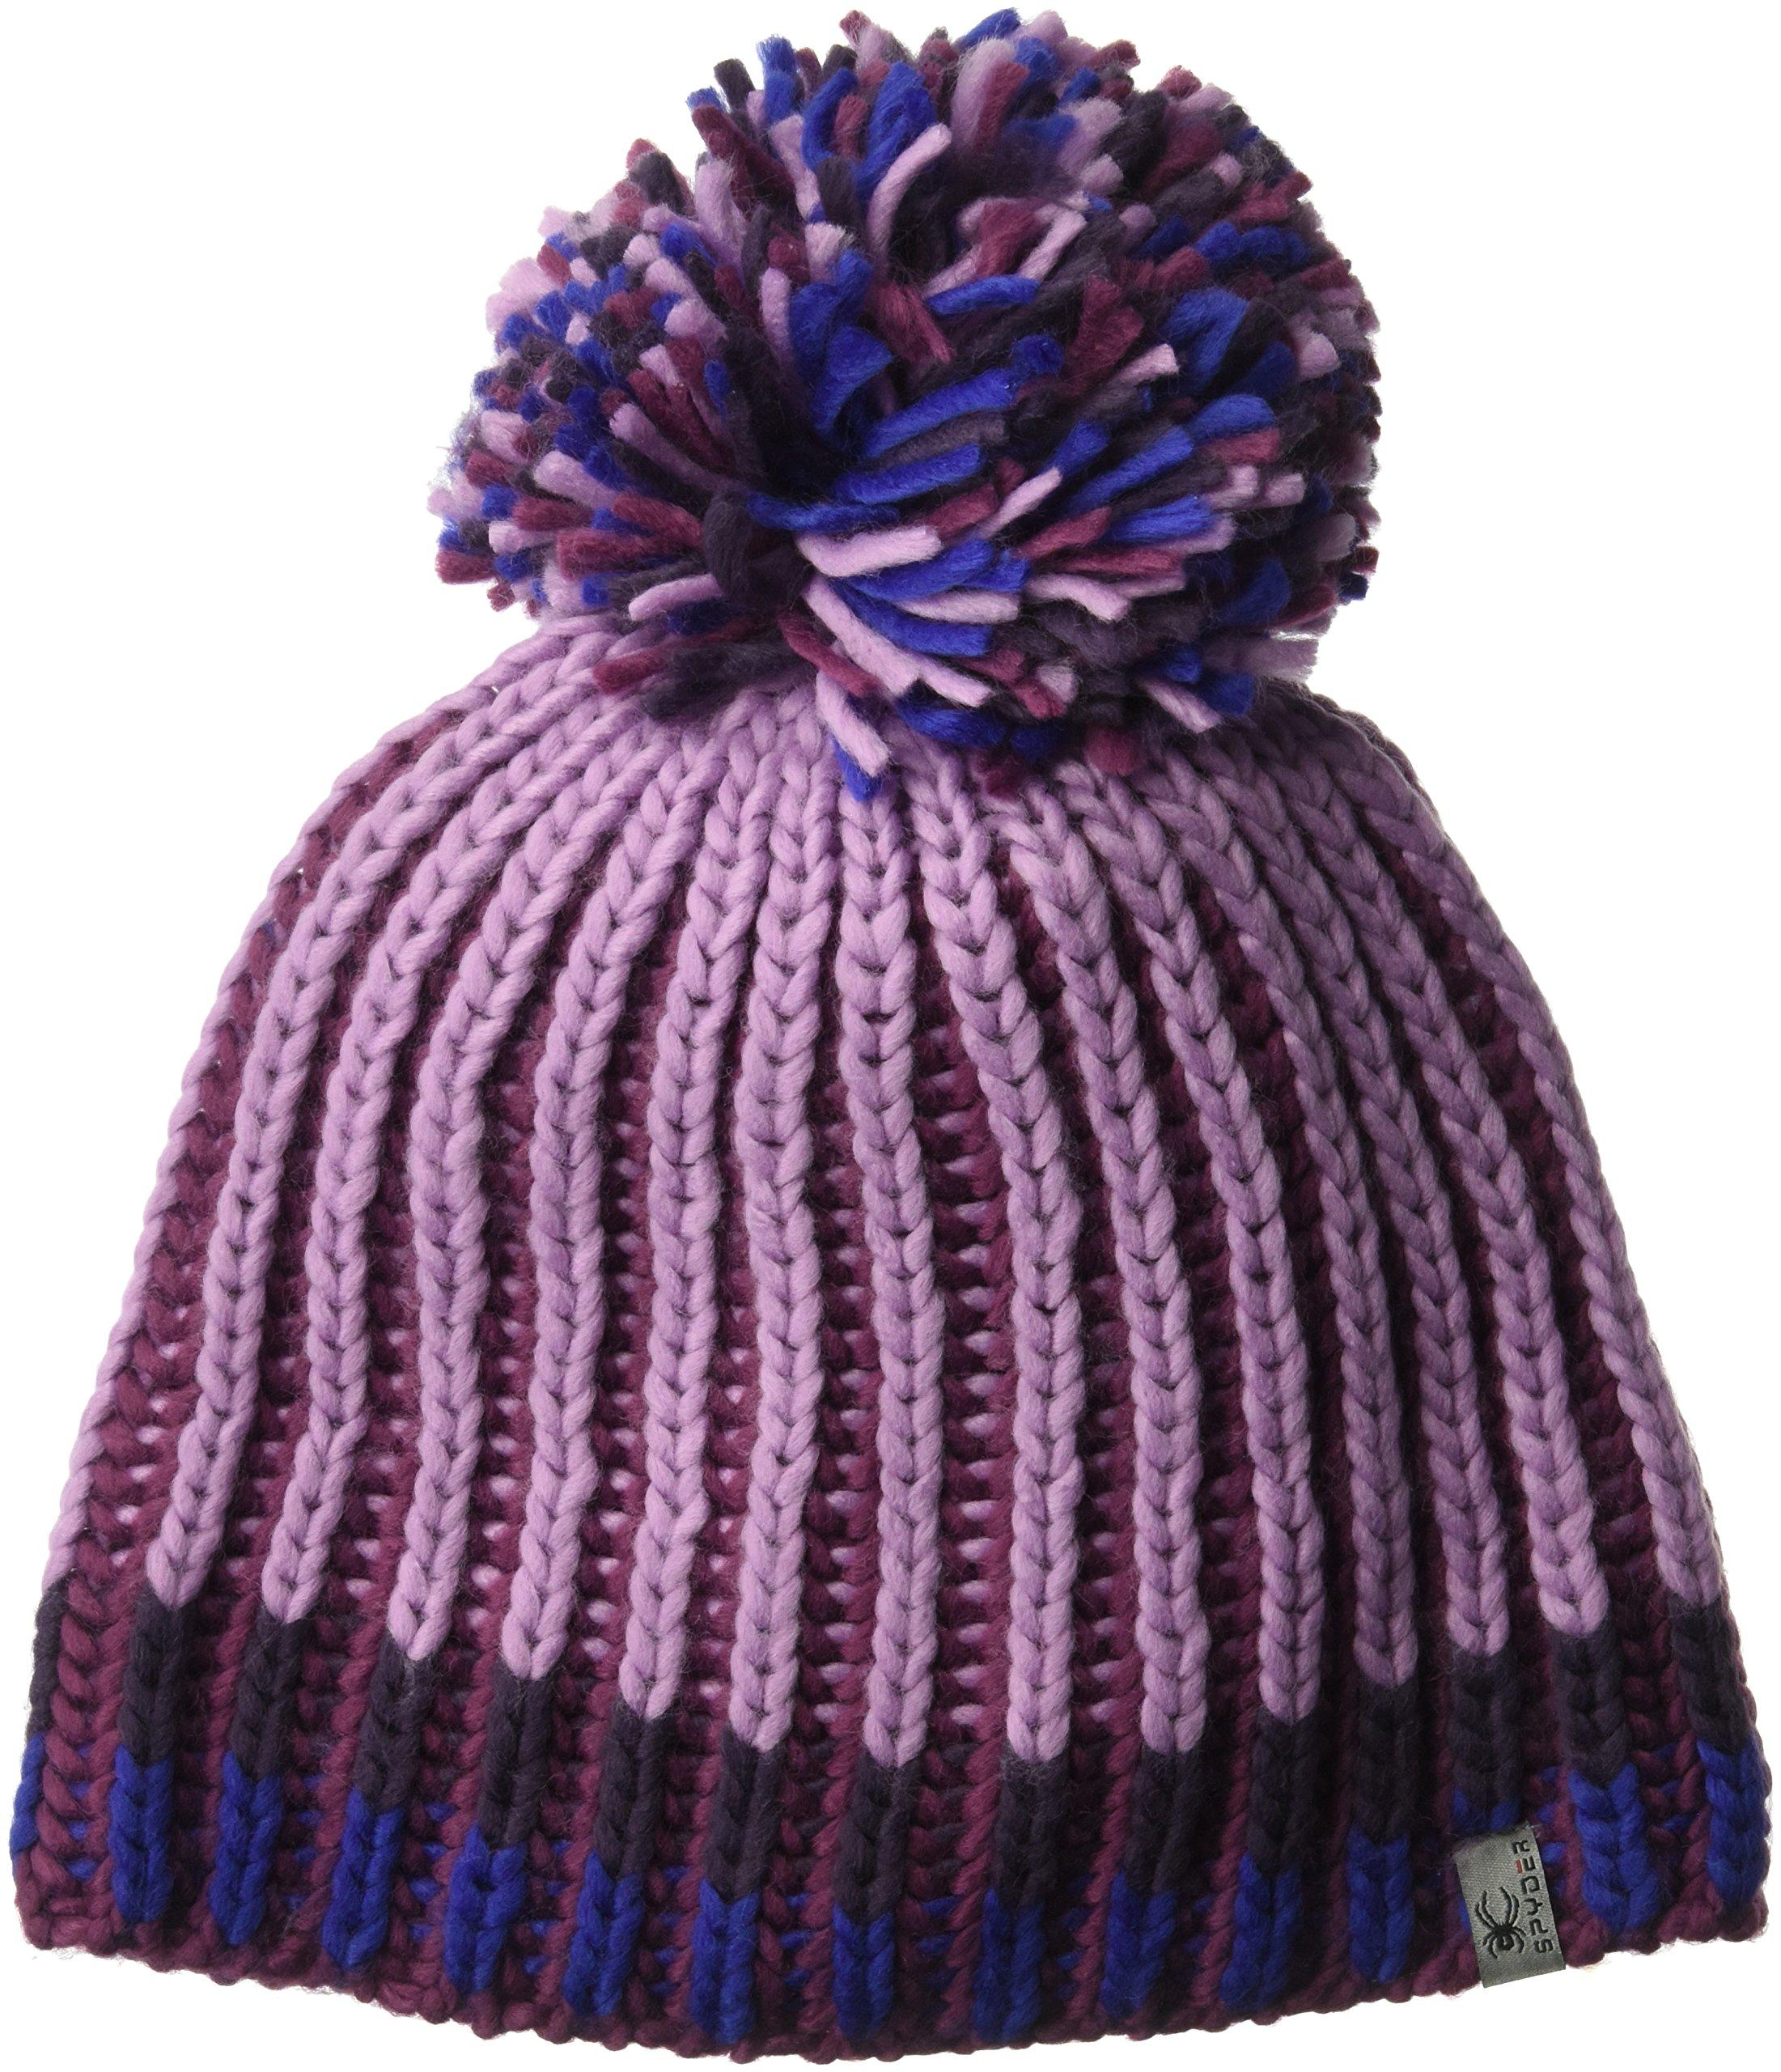 Spyder Women's Outburst Hat, AMARANTH/GRAPE/NIGHTSHADE/BLUE MY MIND, ONE SIZE